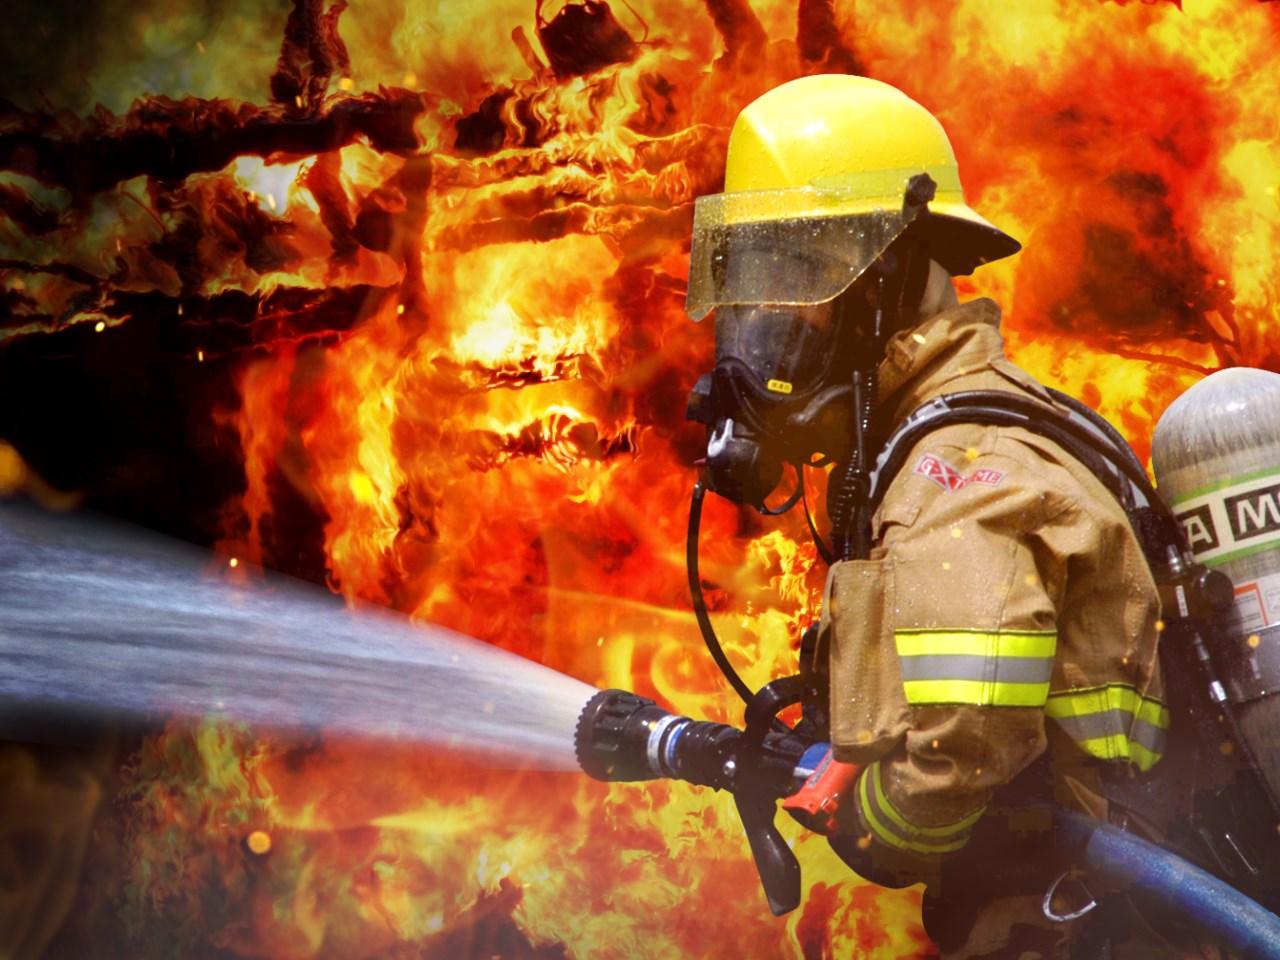 Fire generic_1549474369504.jpg.jpg